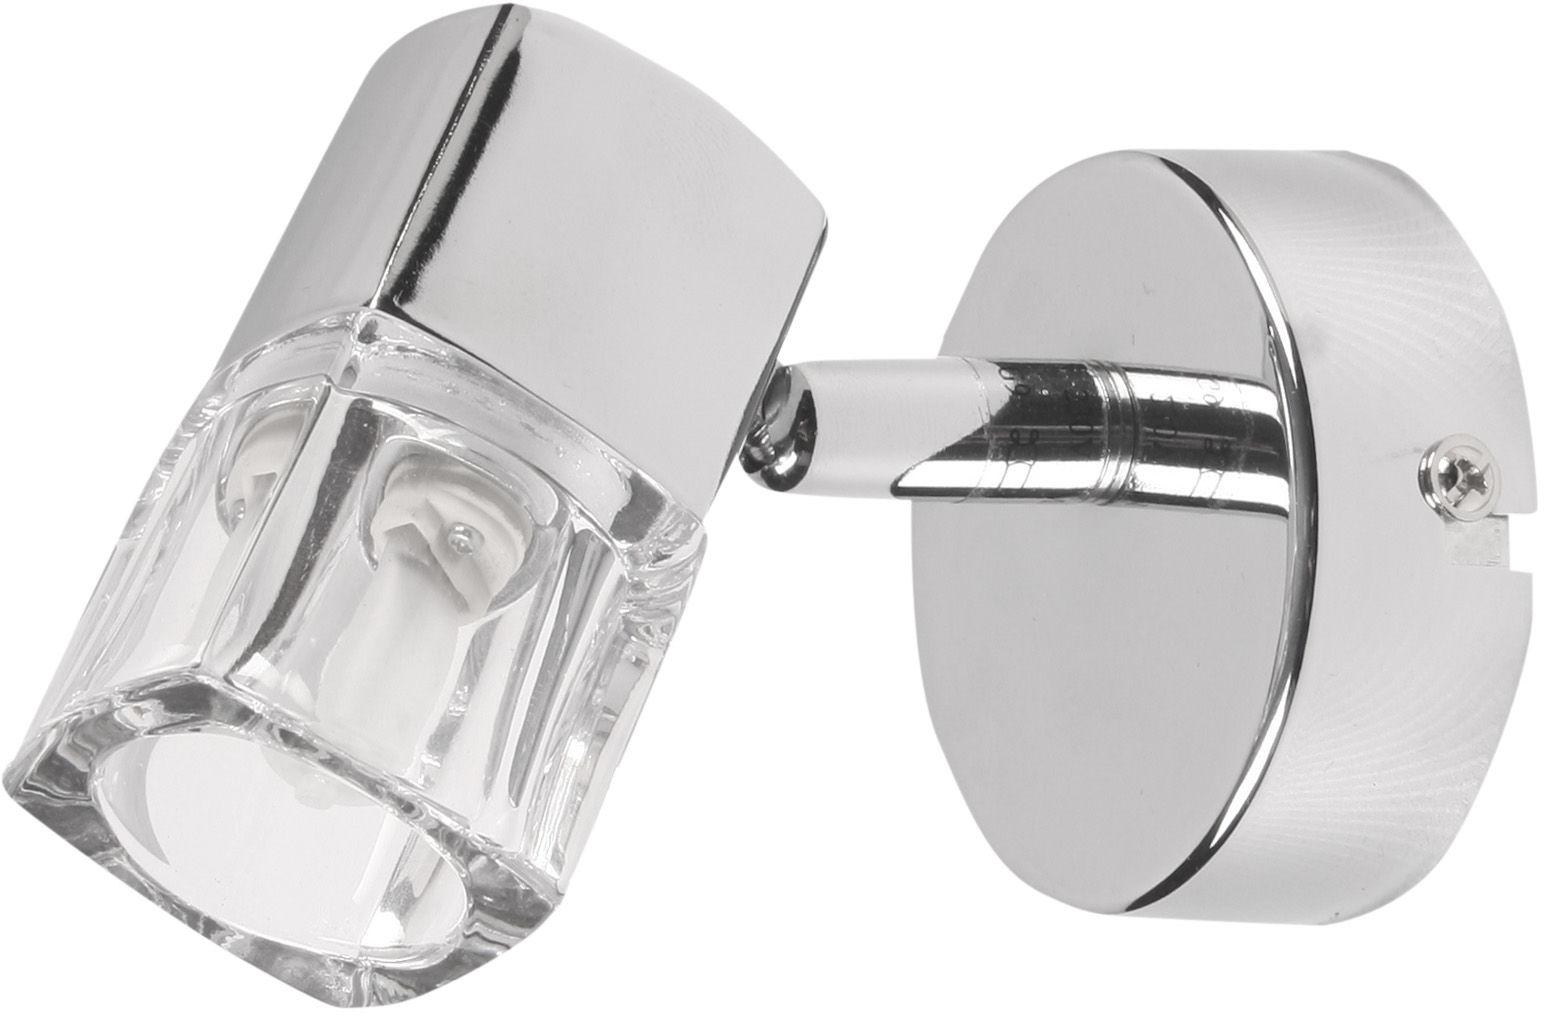 Candellux DIAMENT 91-19229 kinkiet lampa ścienna chrom kryształowy klosz 1X40W G9 4,2cm